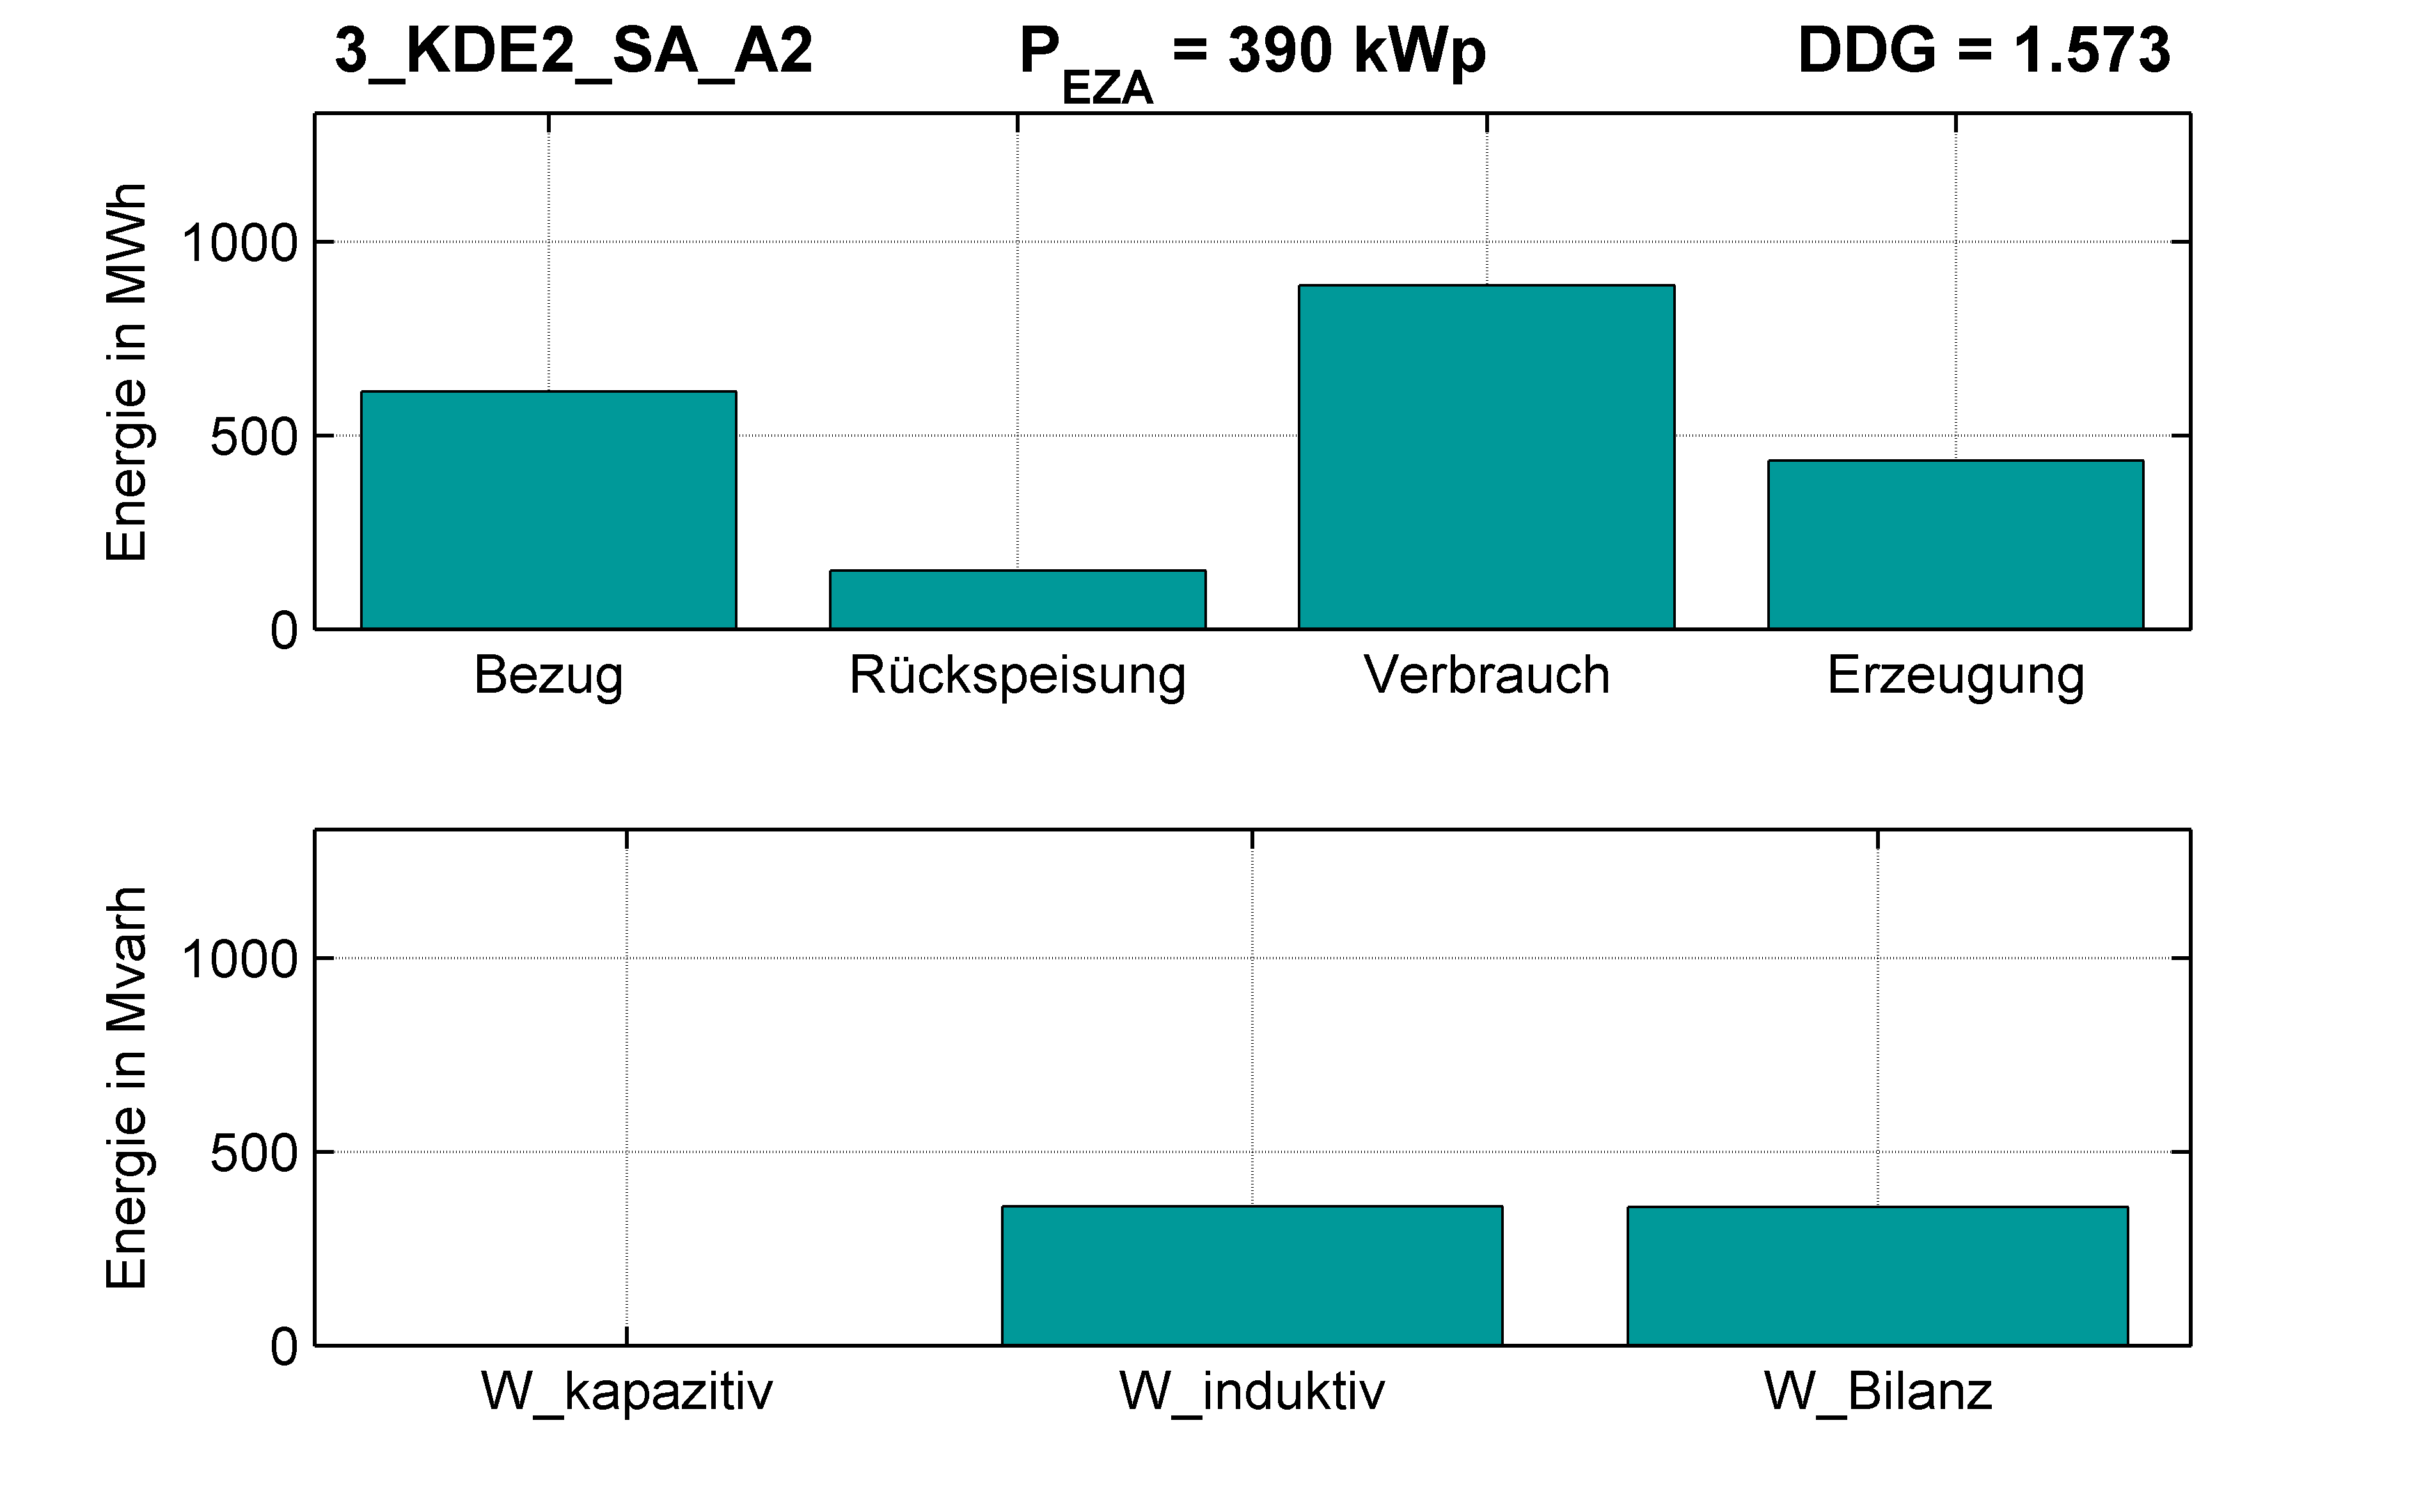 KDE2 | P-Kappung 70% (SA) A2 | PQ-Bilanz